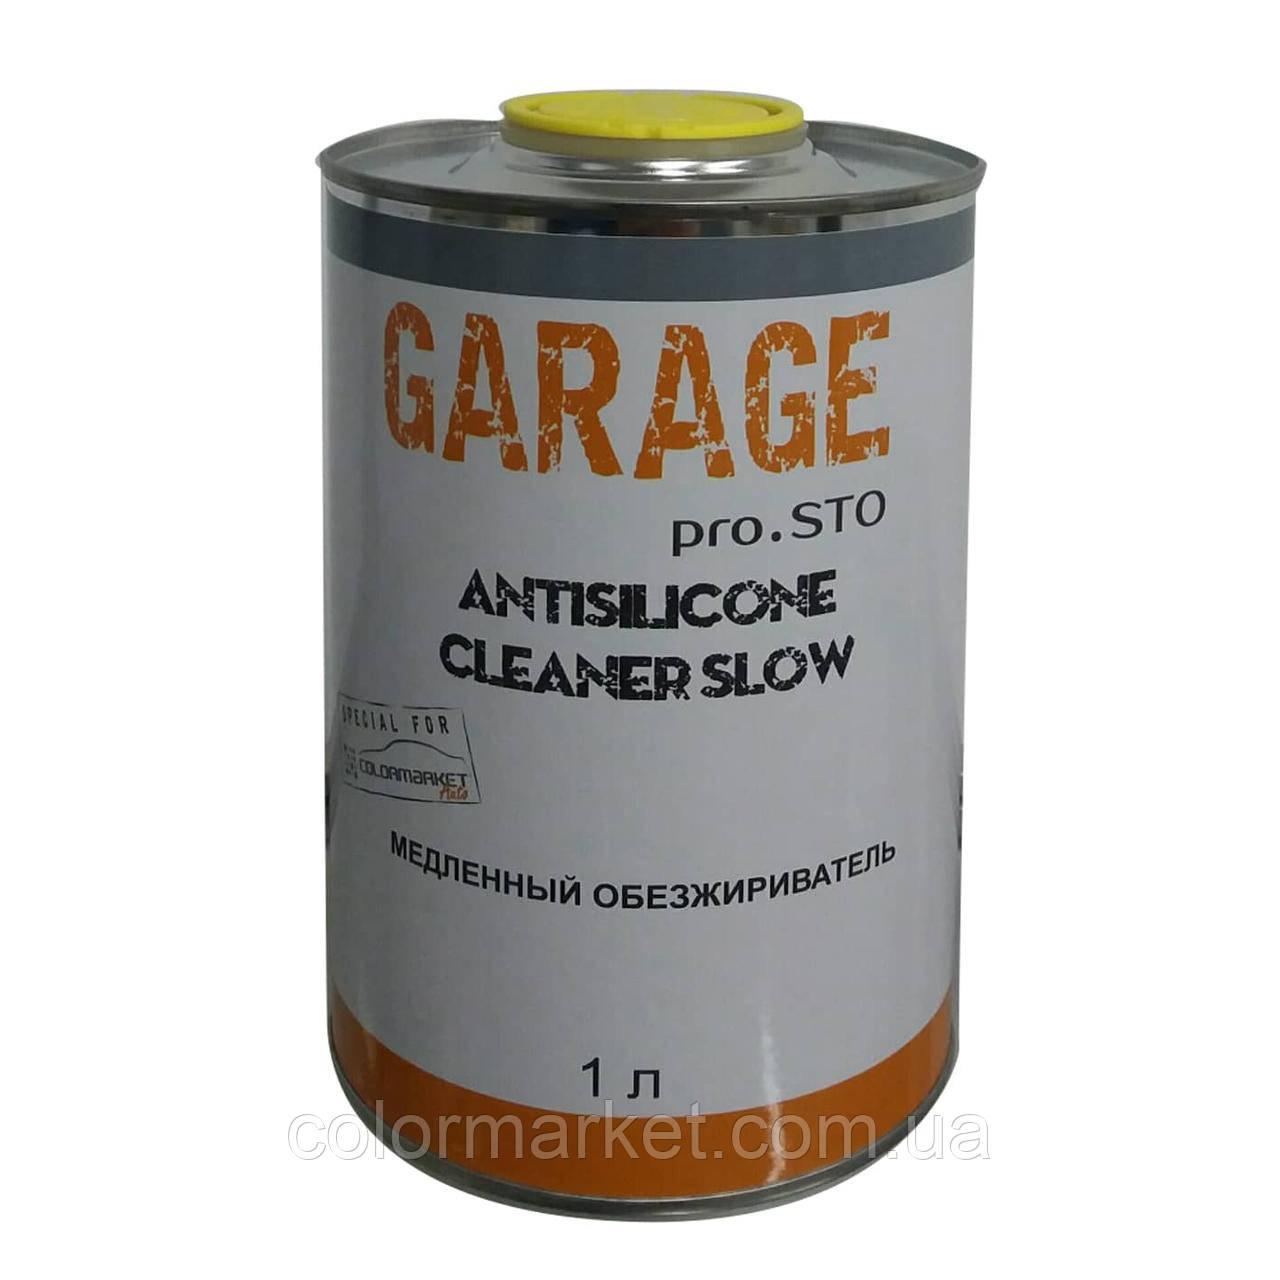 Обезжириватель медленный Antisilicone Cleaner Slow (1 л), GARAGE